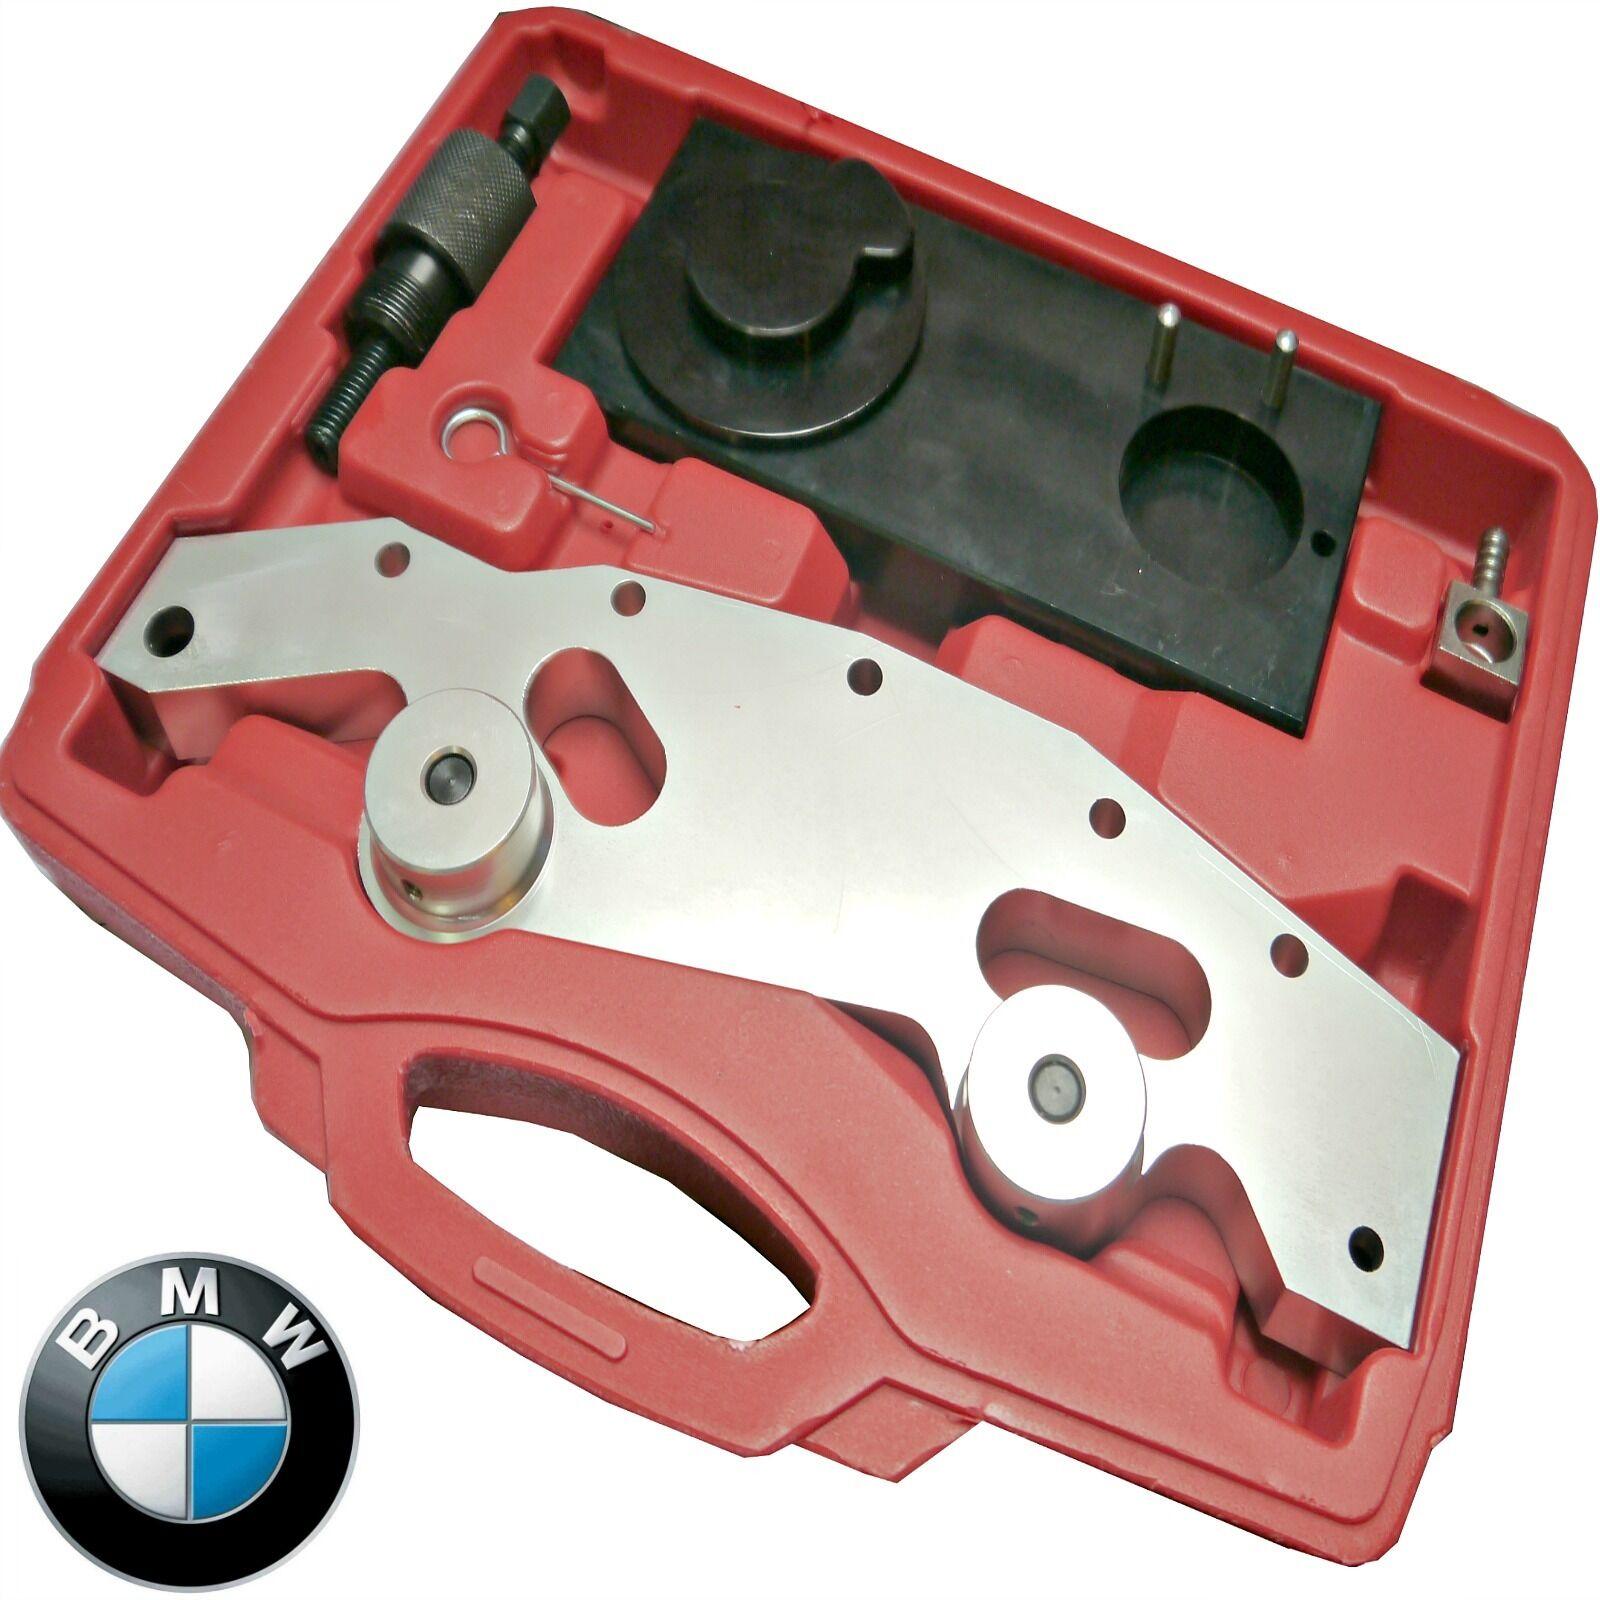 2004 Bmw Z4 Camshaft: Timing Tool Set Kit BMW Double VANOS Camshaft 6 Cylinder